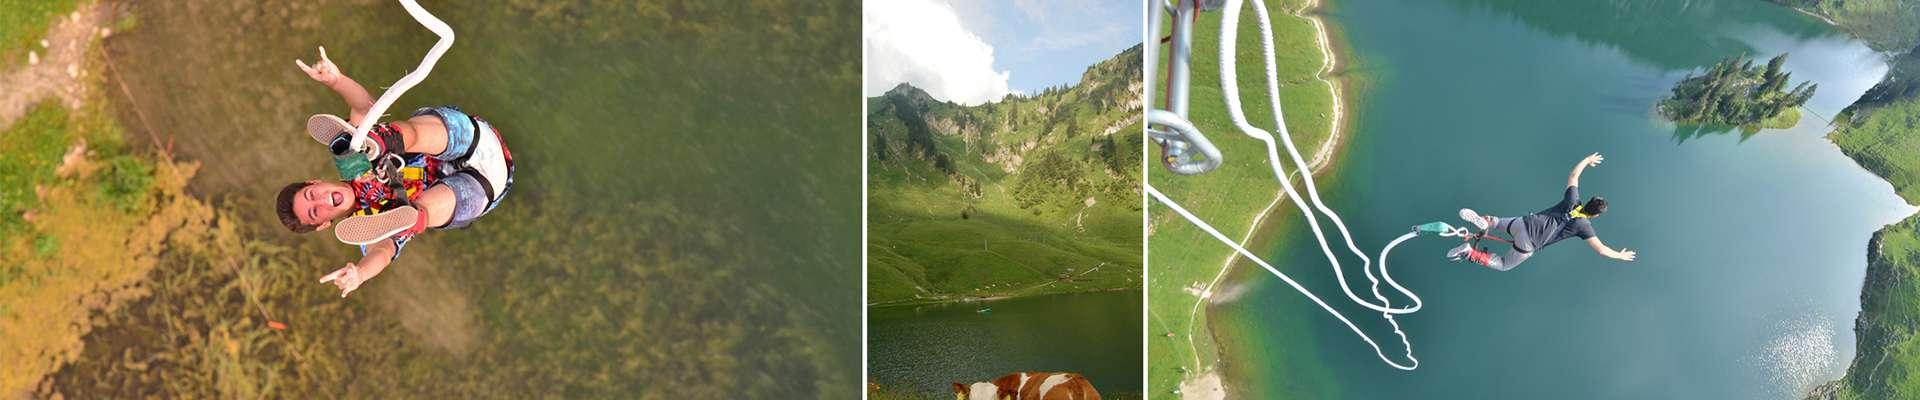 תמונות קפיצות באנג'י באתר סטוקהורן